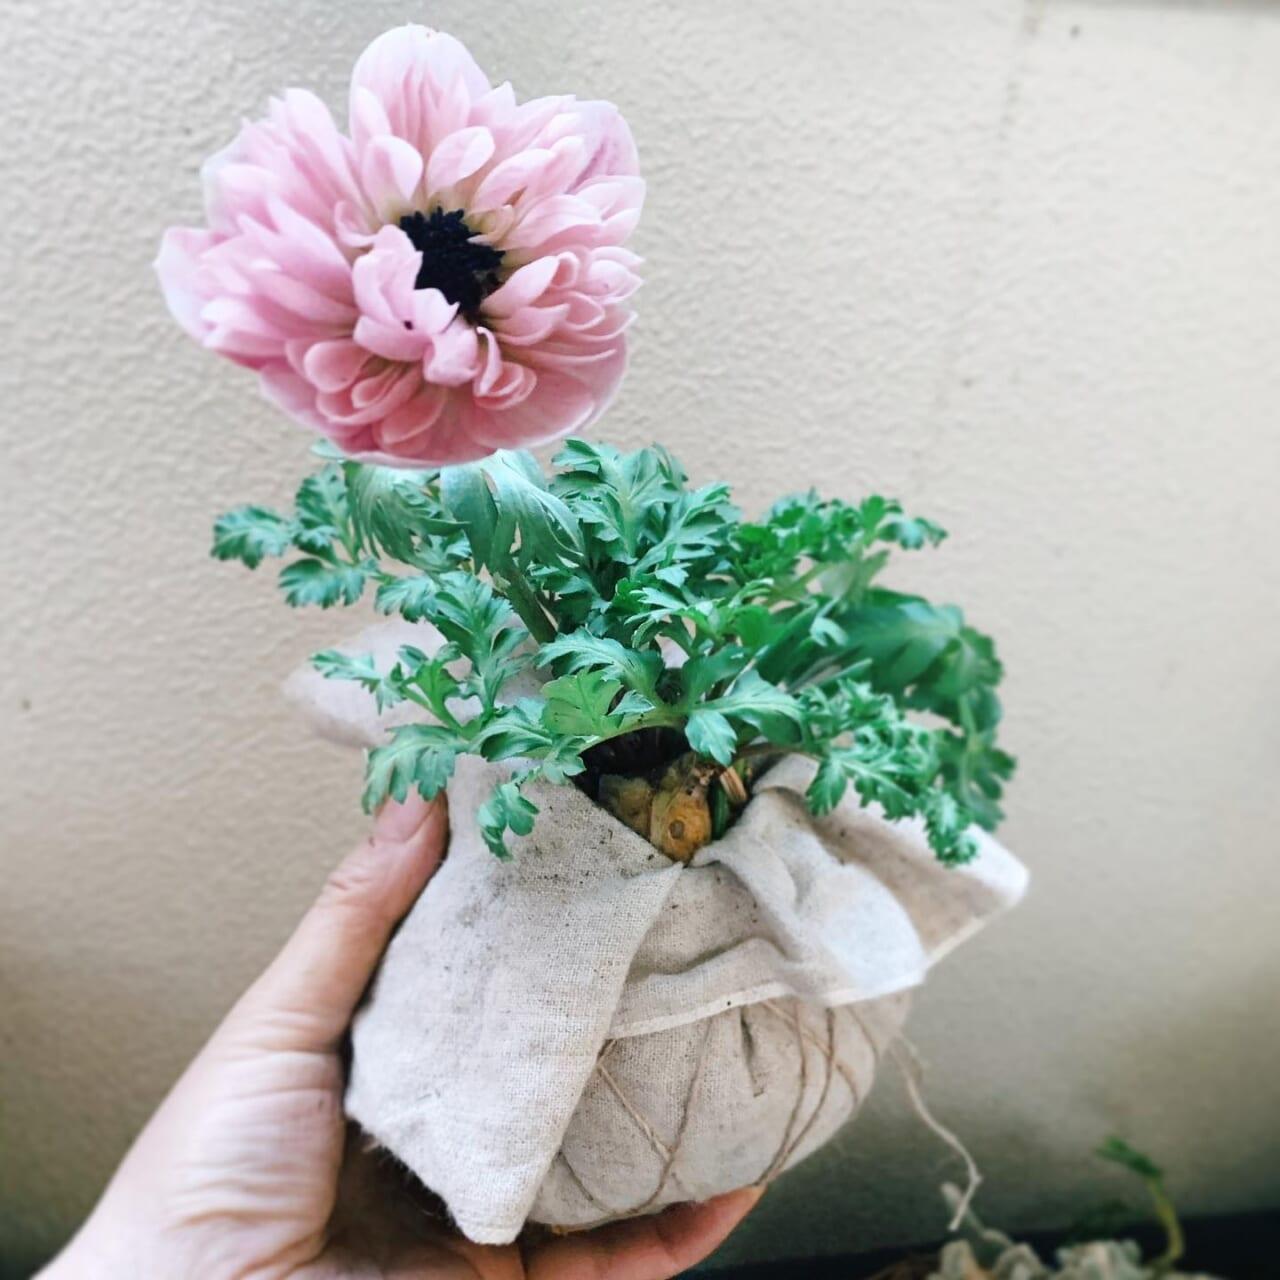 アン・アリス、人気で貴重なアネモネ。自分用に一株だけ︎これ見てどう仕上がったか、わかる方はかなりの園芸好きな方でしょう続きは次のpostで✍️#アネモネ#アネモネアンアリス #春の花#ガーデニング#ベランダガーデニング#花のある暮らし #花と暮らす #植物のある暮らし #植物のある生活 #植物がないと生きていけない 2021.02.01 かご寄せ植えにお問い合わせをありがとうございます、また作らせていただきます